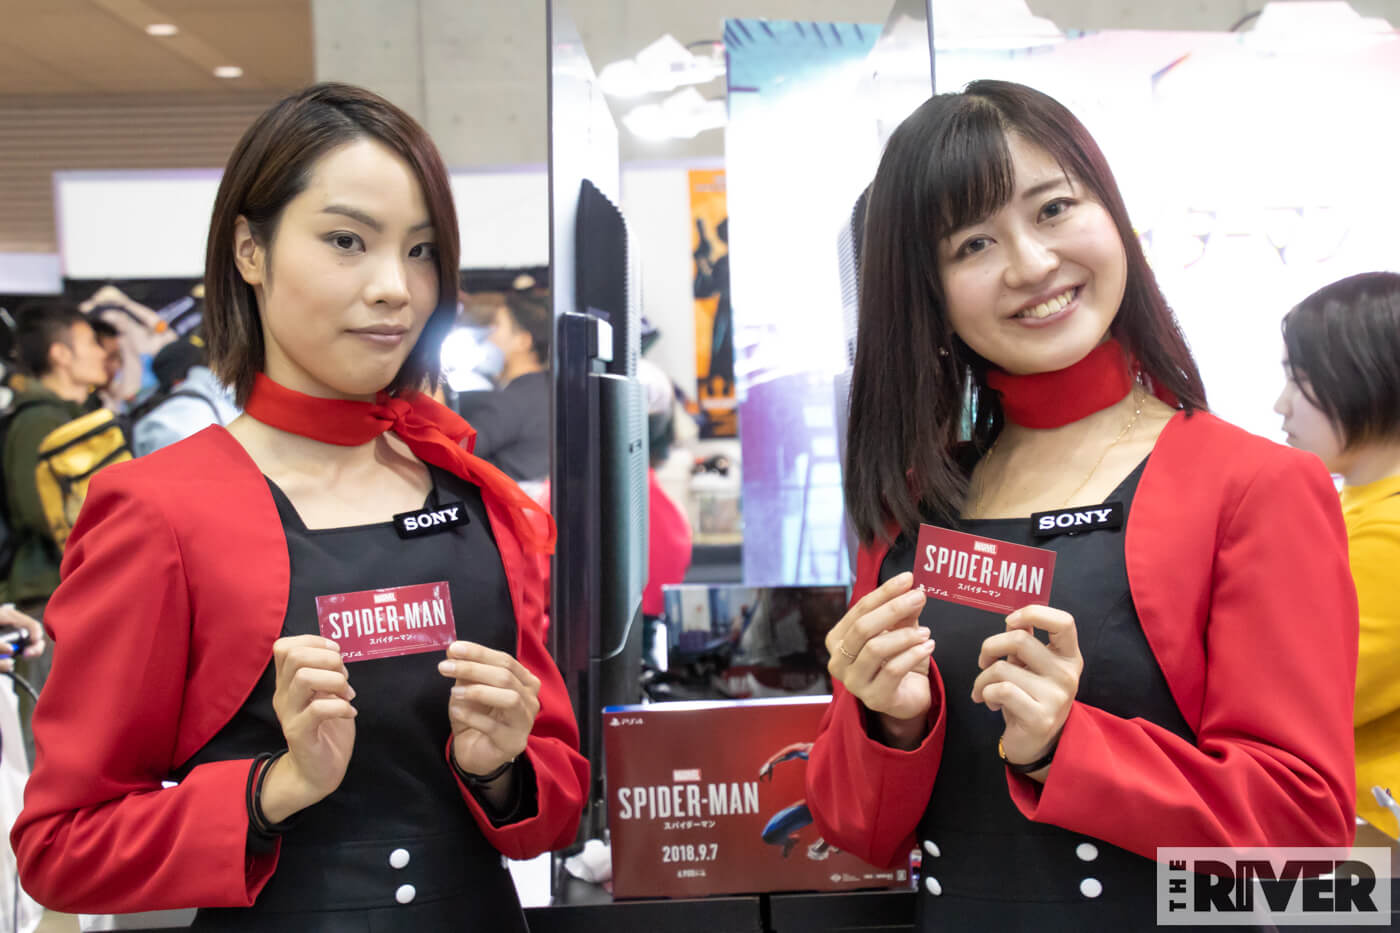 東京コミコン2018 コンパニオン